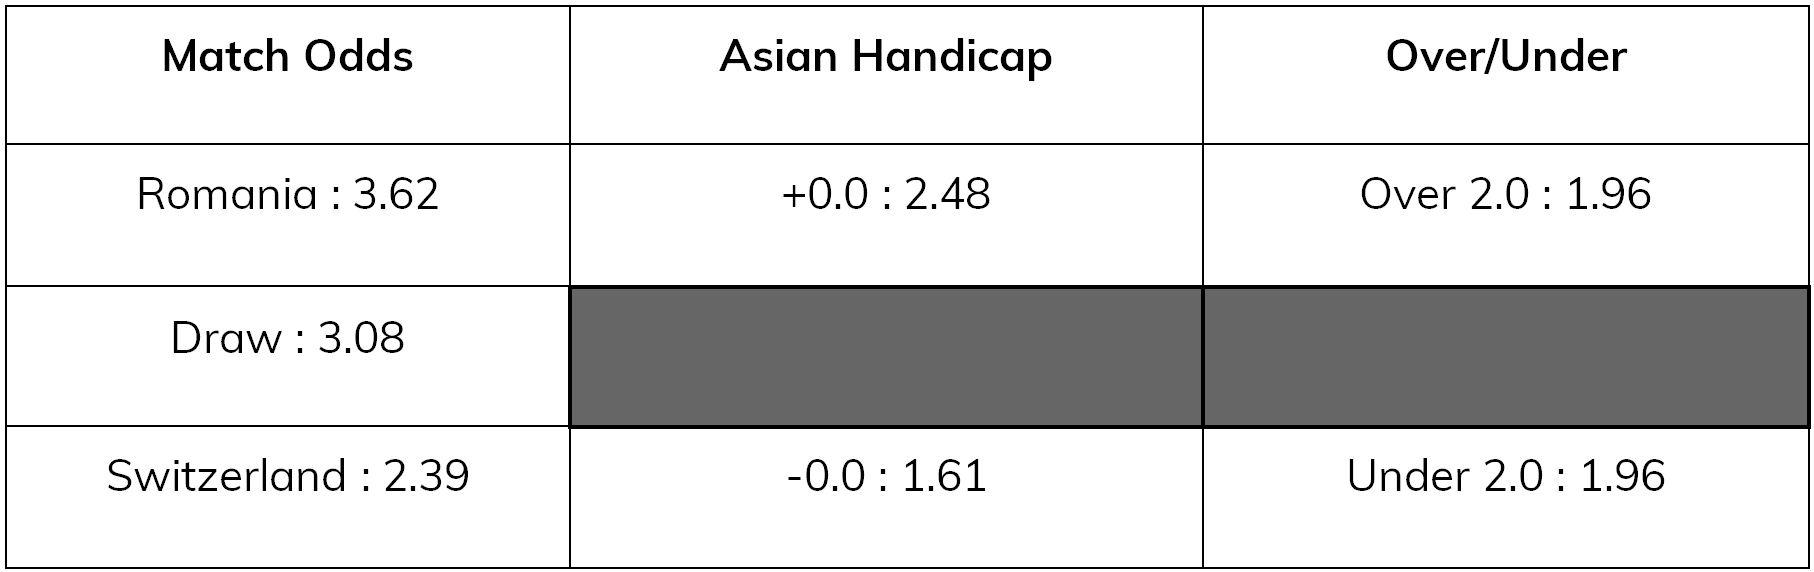 serbia-v-switzerland-asian-handicap-eastbridge5